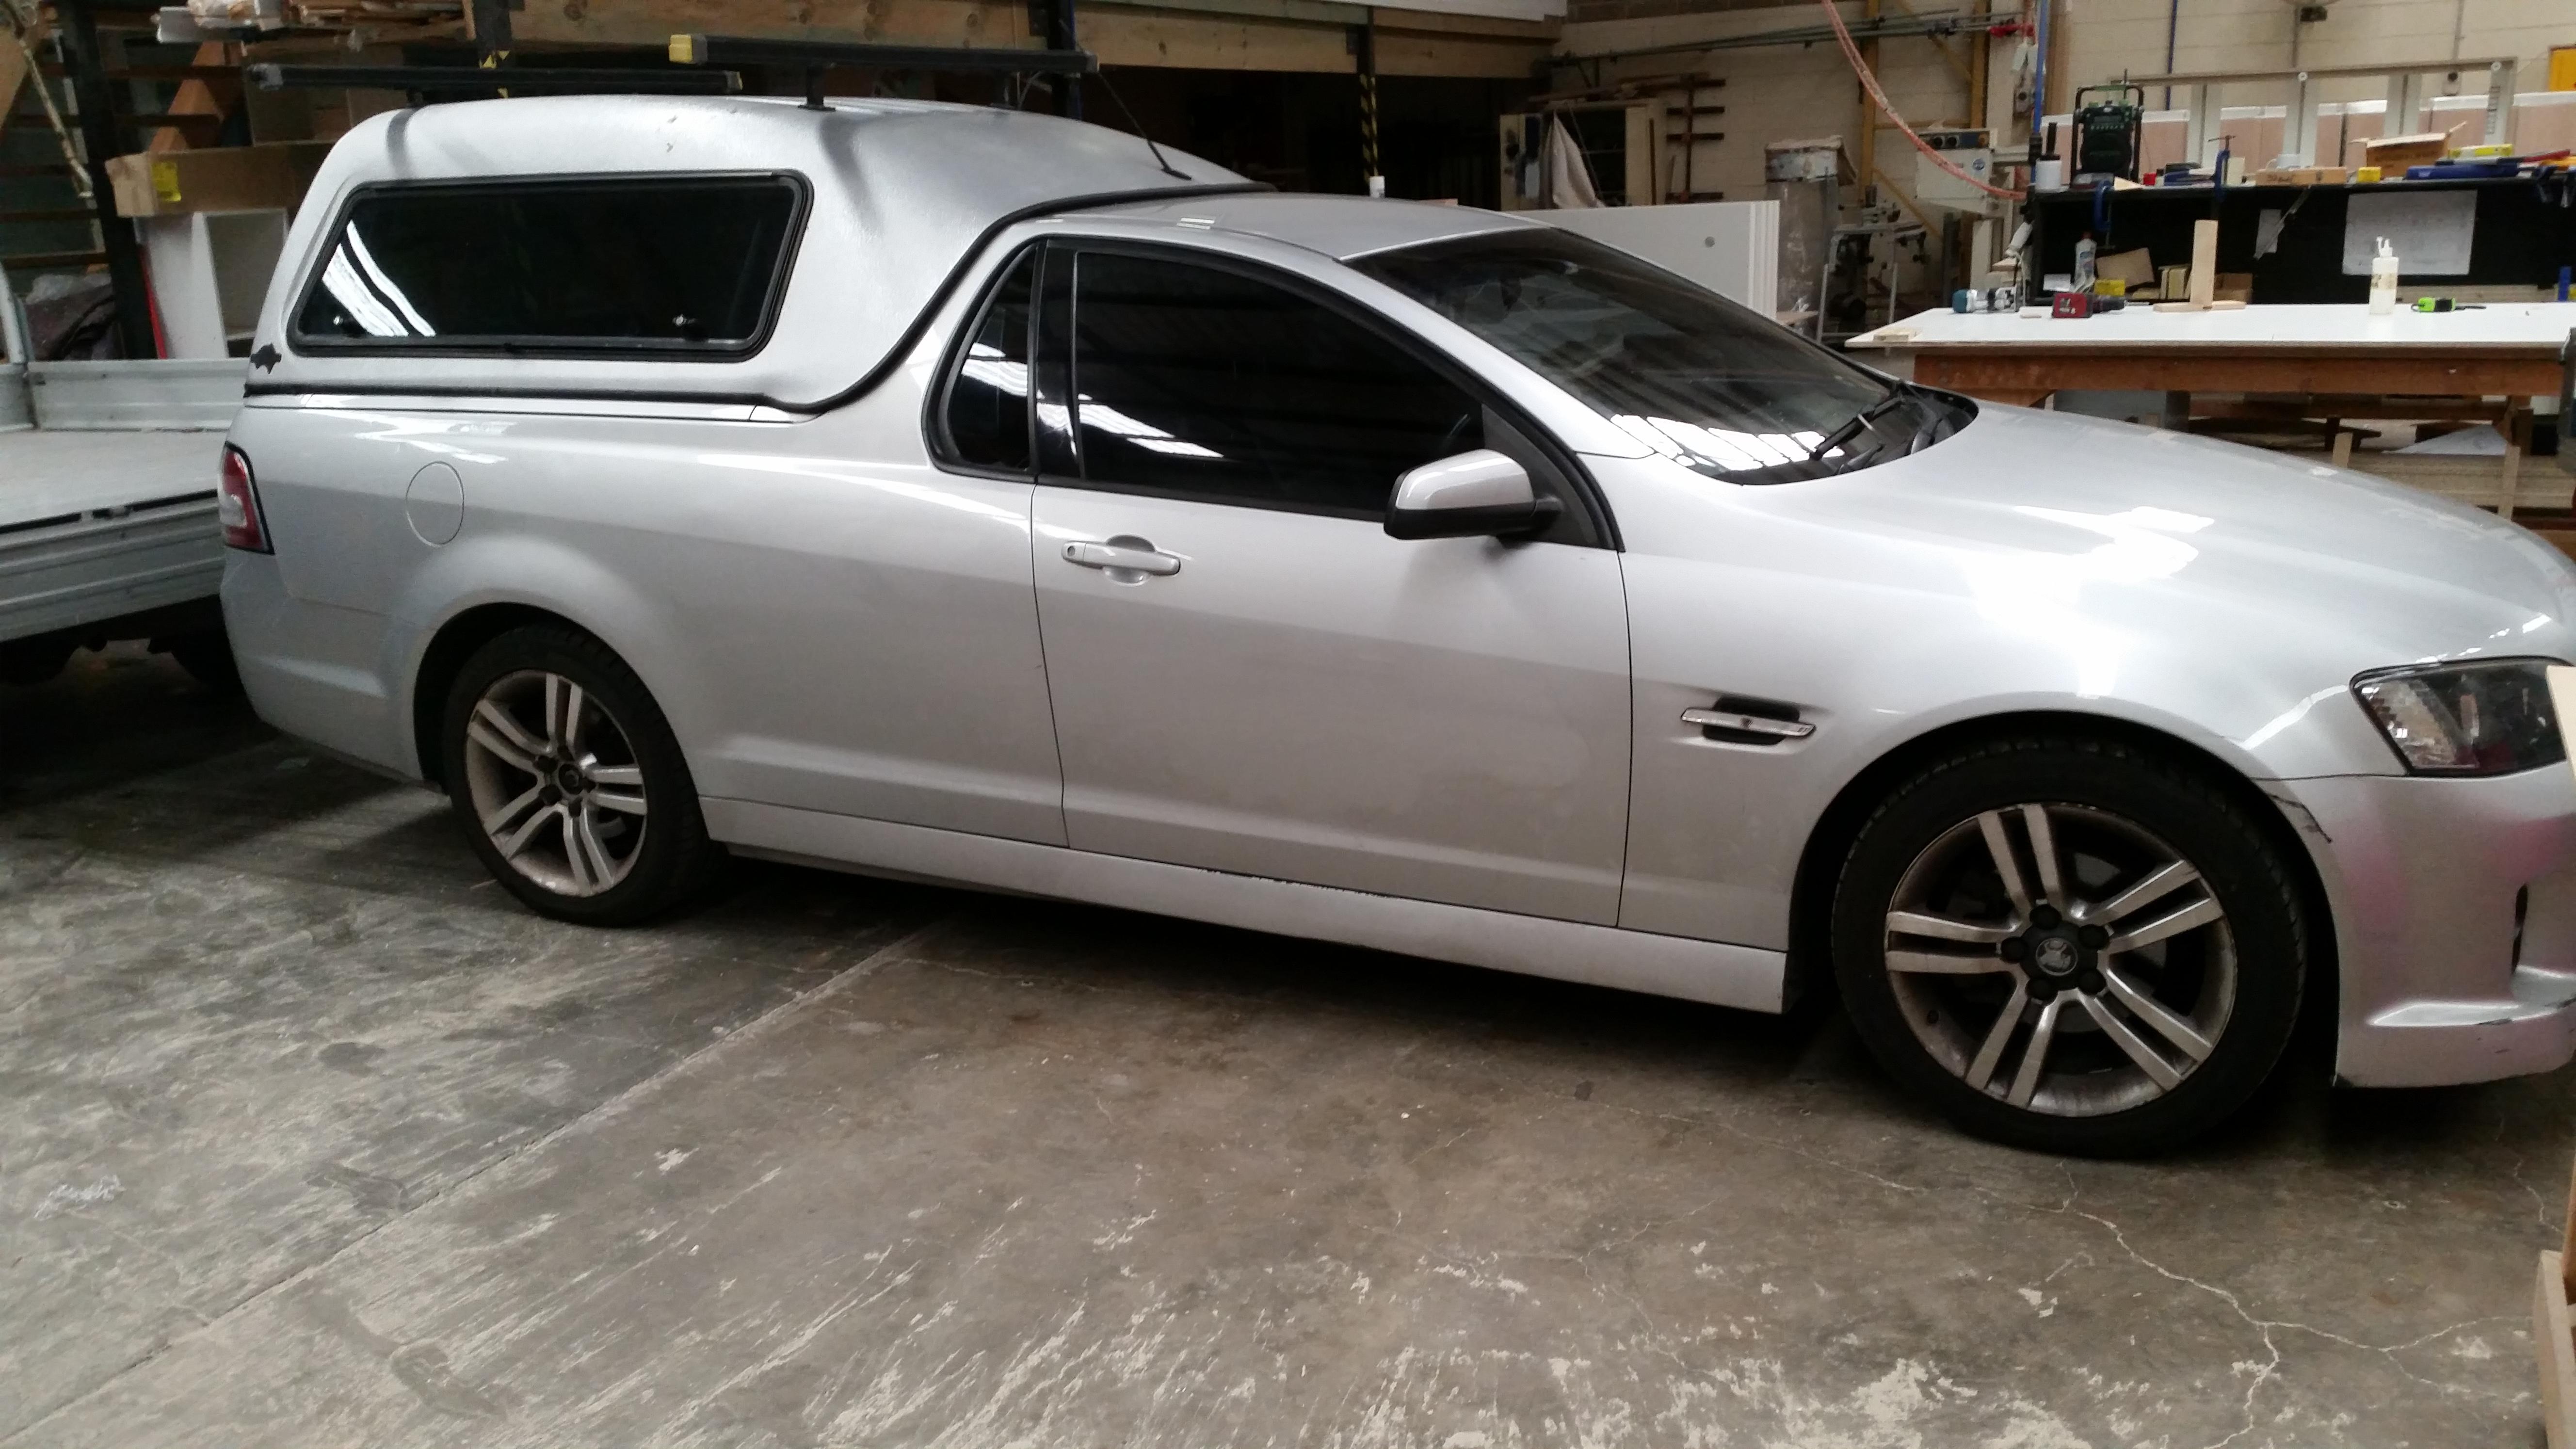 AY95BJ_Holden Ute (5)